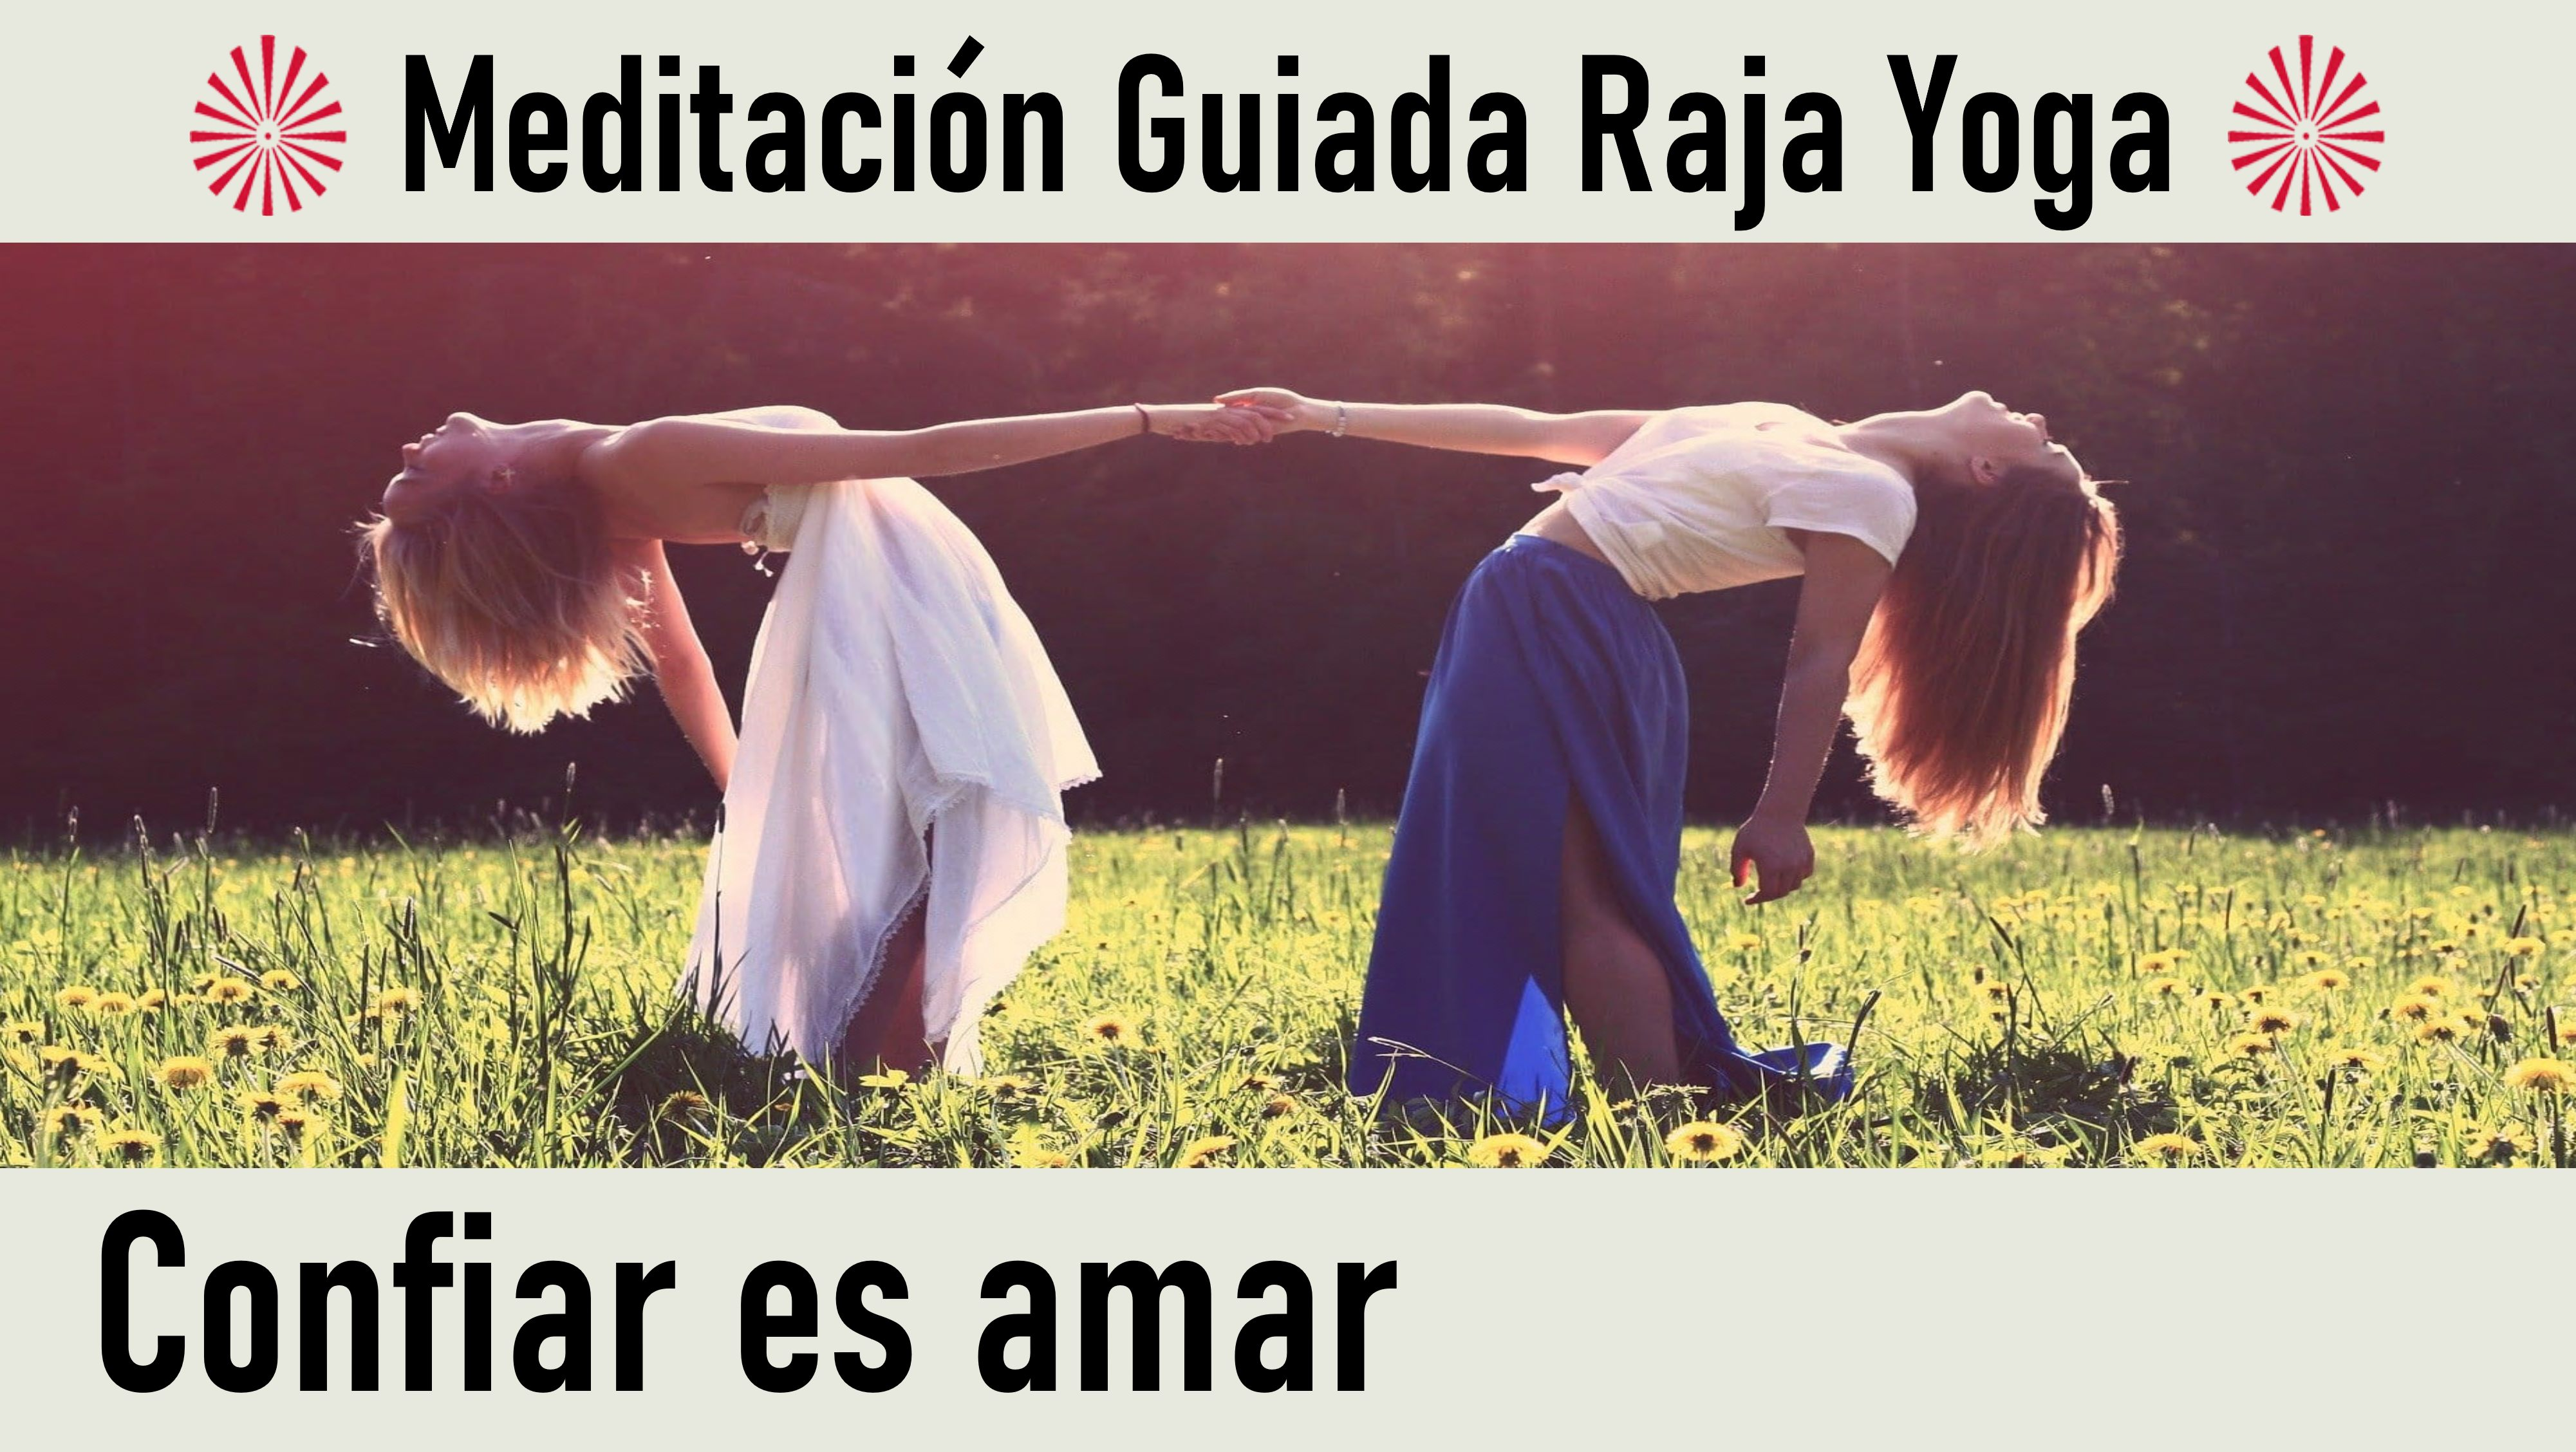 Meditación Raja Yoga: Confiar es amar (26 Mayo 2020) On-line desde Sevilla